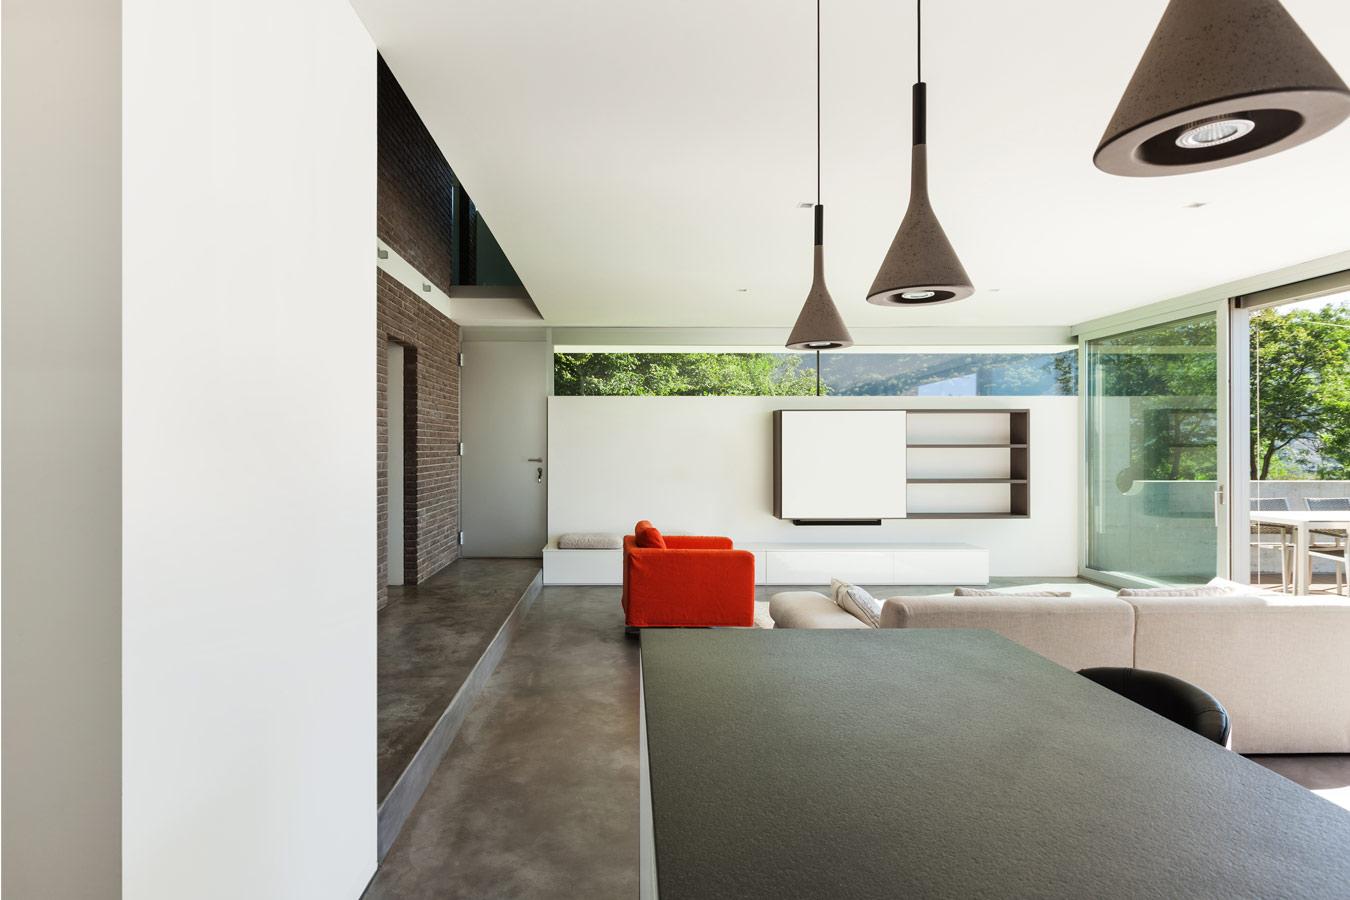 Grote Woonkamer Ideeen : Ideeën voor een moderne woonkamer Inspiratie